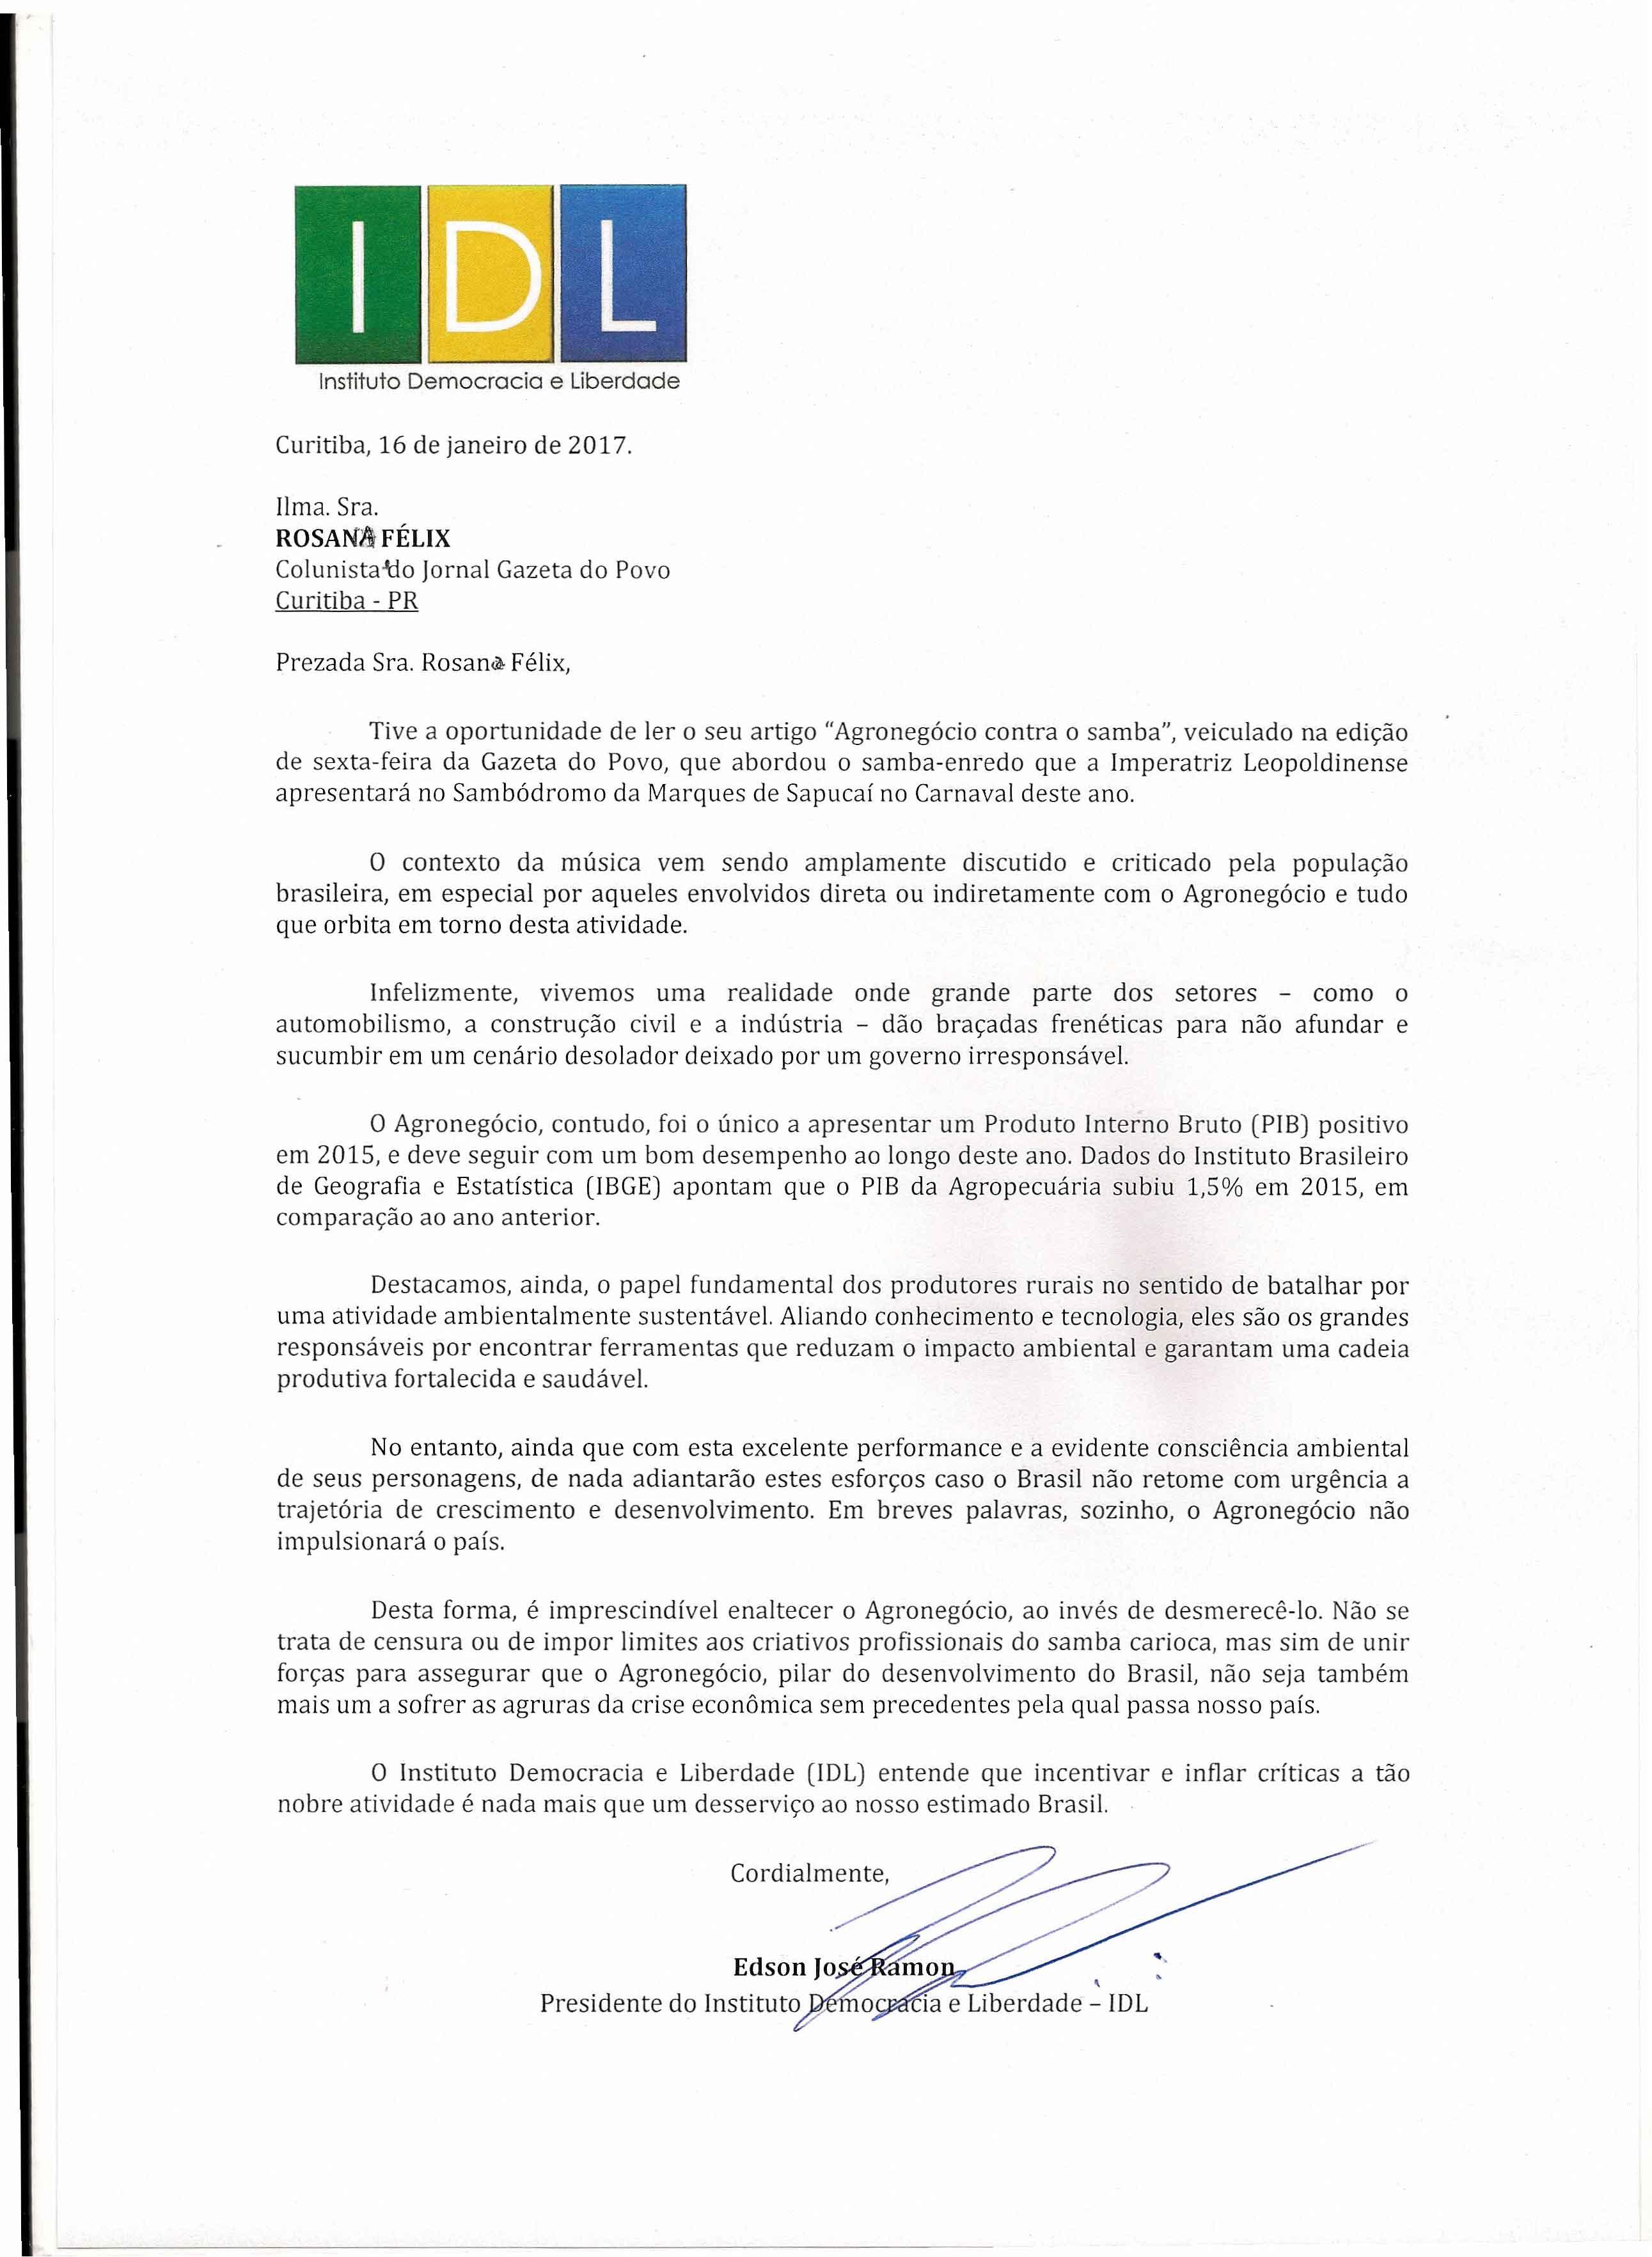 Carta Jornalista Rosana Félix0001